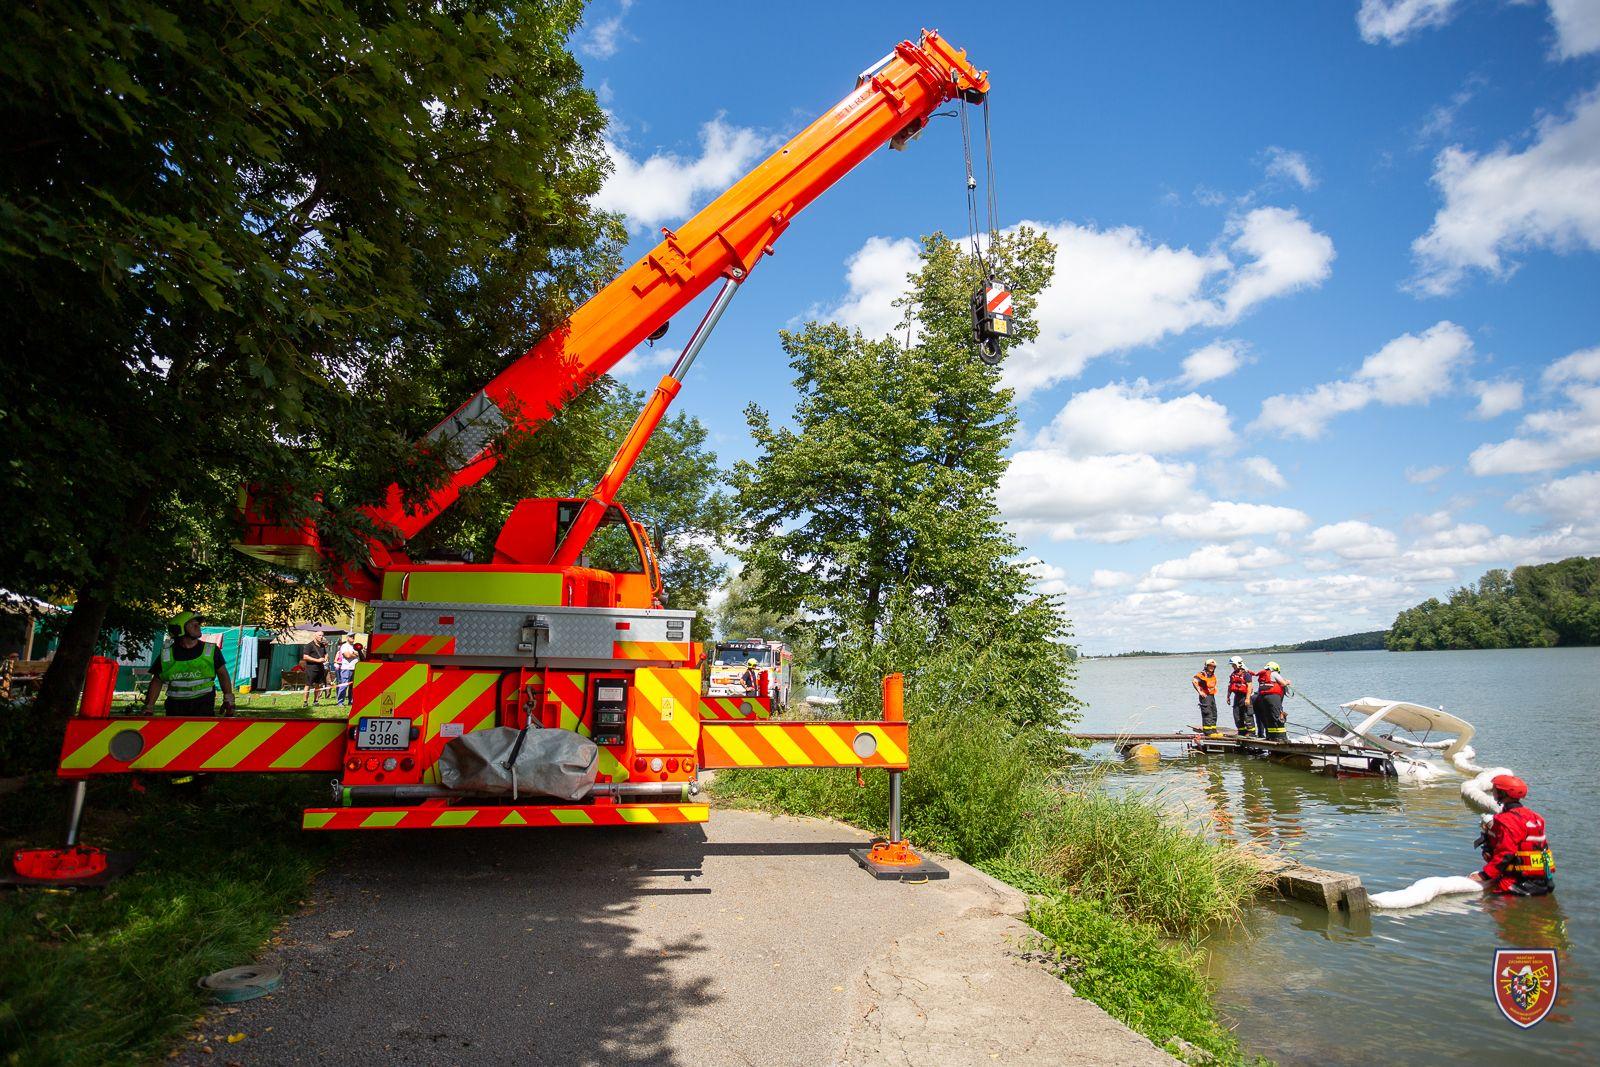 19_MSK_Hasiči vytáhli jeřábem částečně potopenou loď.jpg